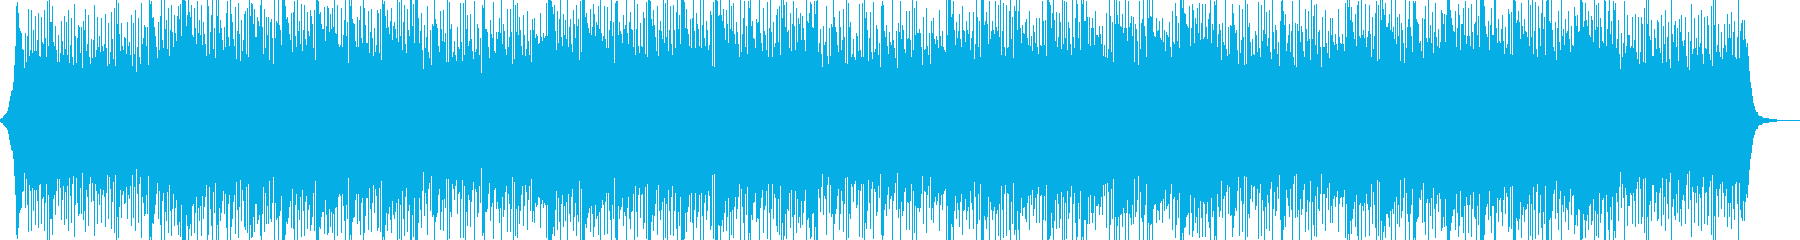 リズムなしの再生済みの波形